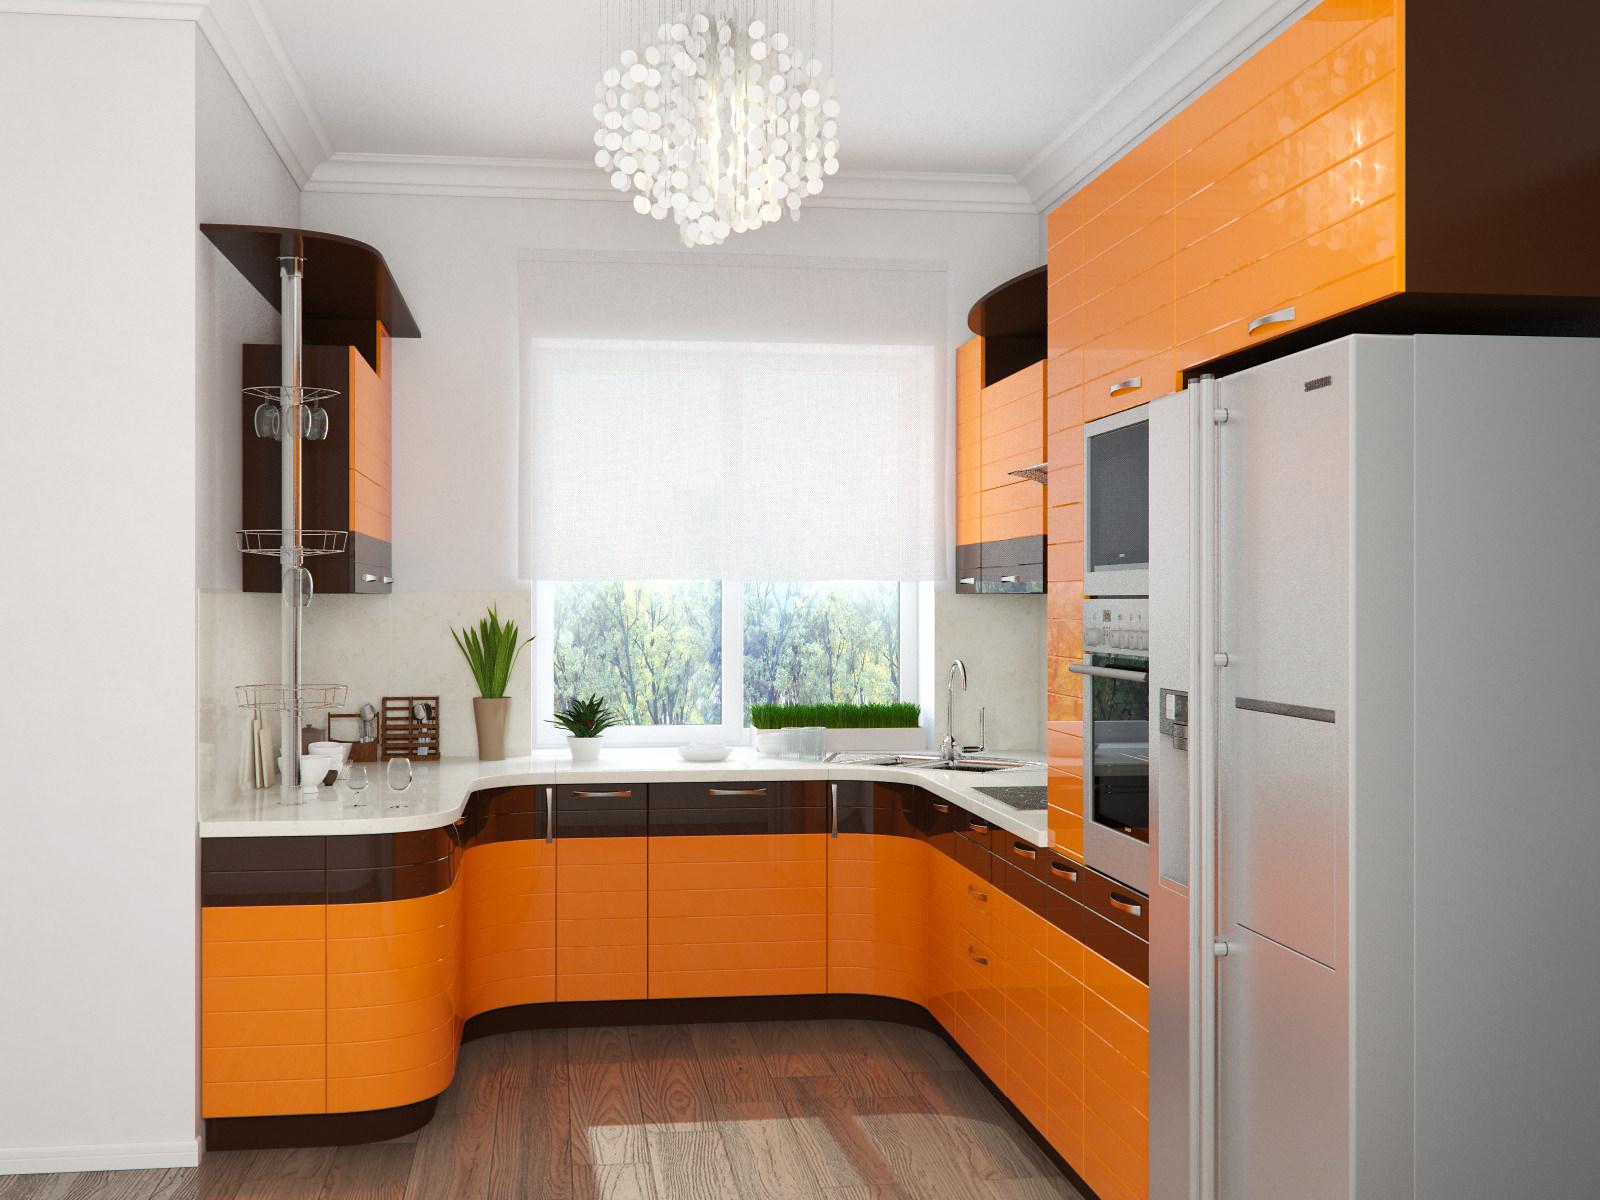 п-образная, оранжевая, с барной стойкой